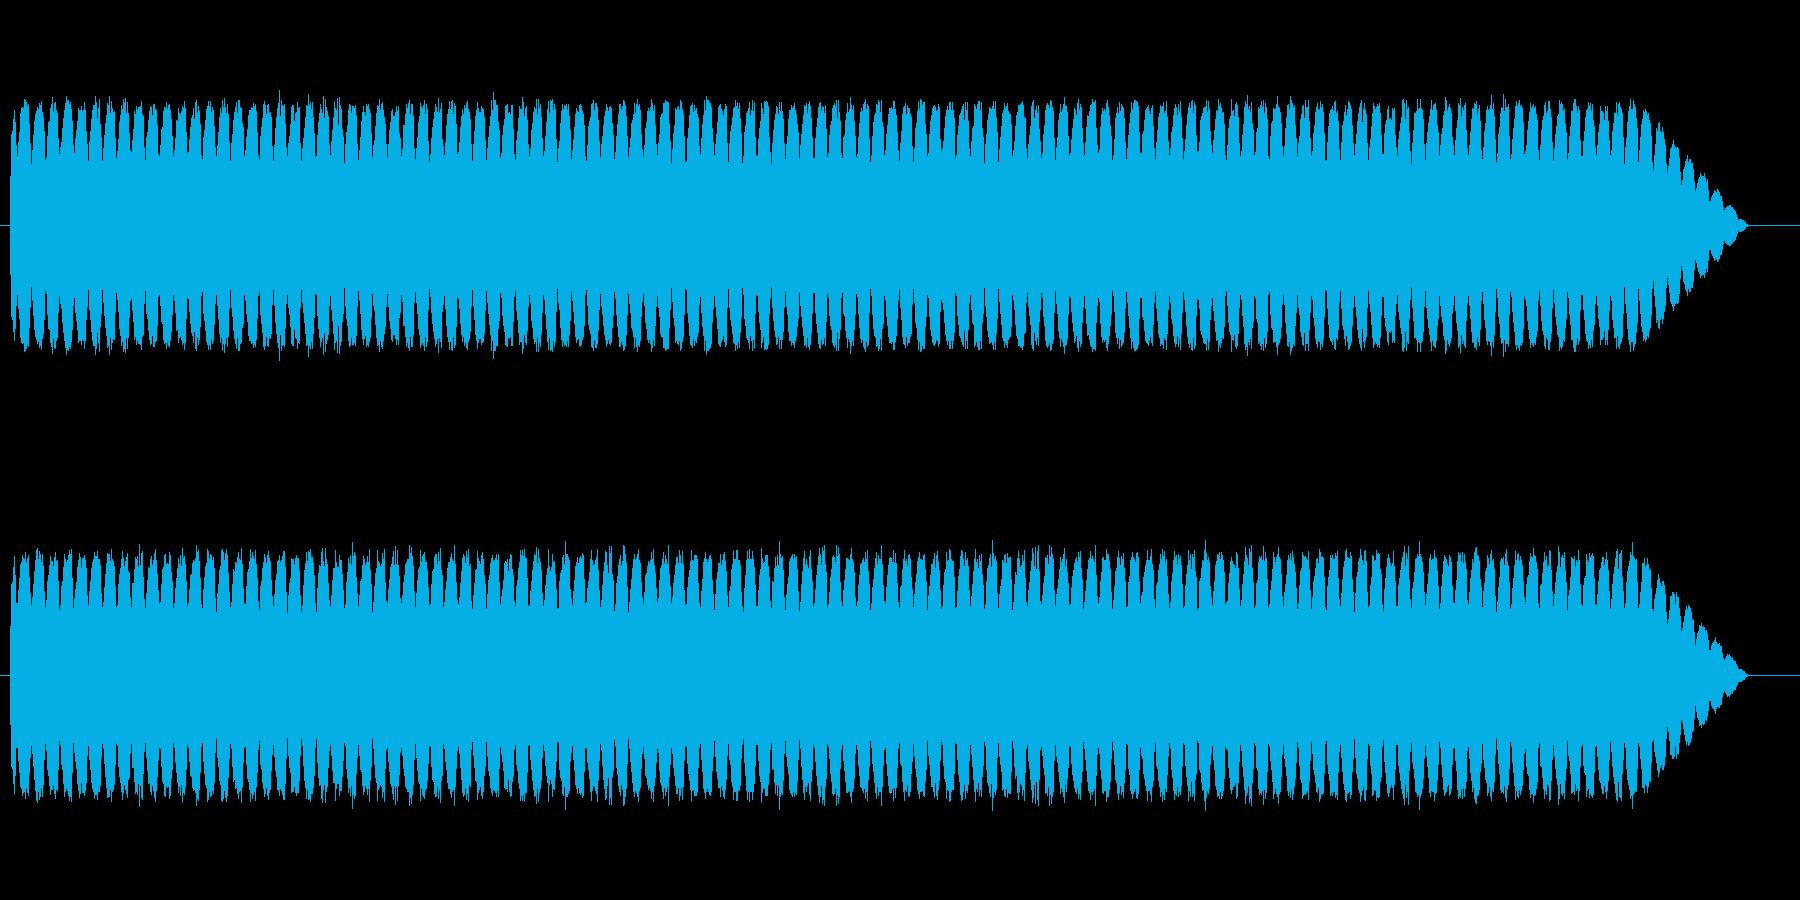 アメパトのサイレンの再生済みの波形